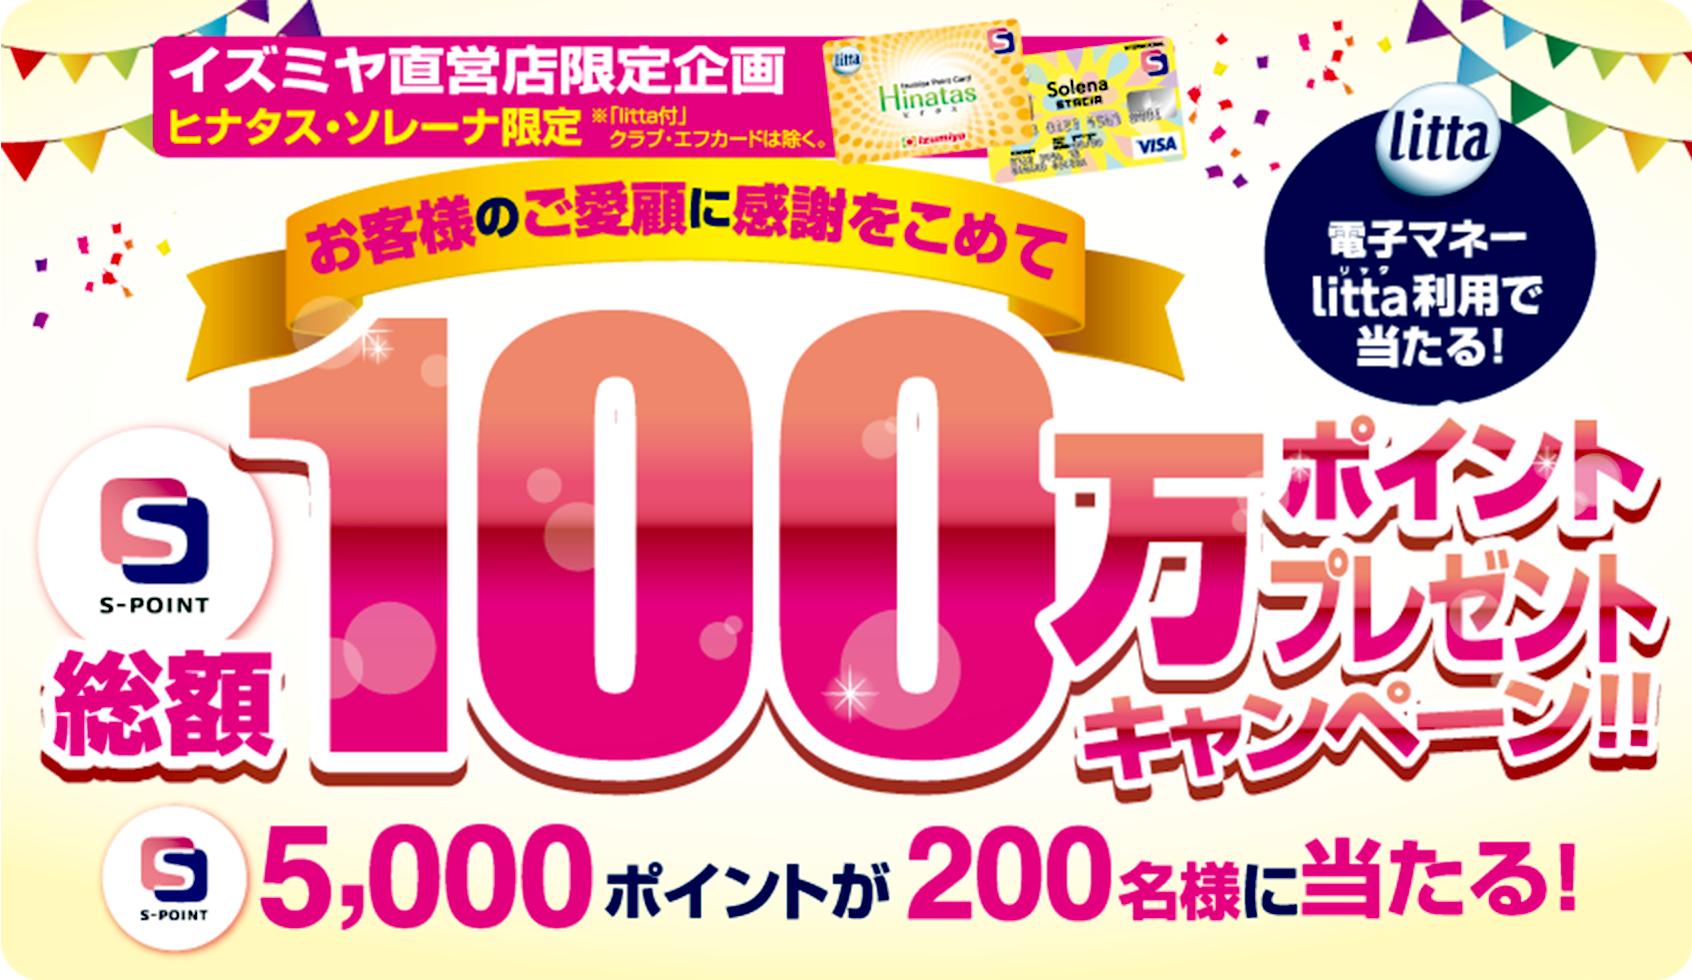 電子マネーlitta(リッタ)ご利用で当たる!『Sポイント総額100万ポイント』プレゼントキャンペーン!